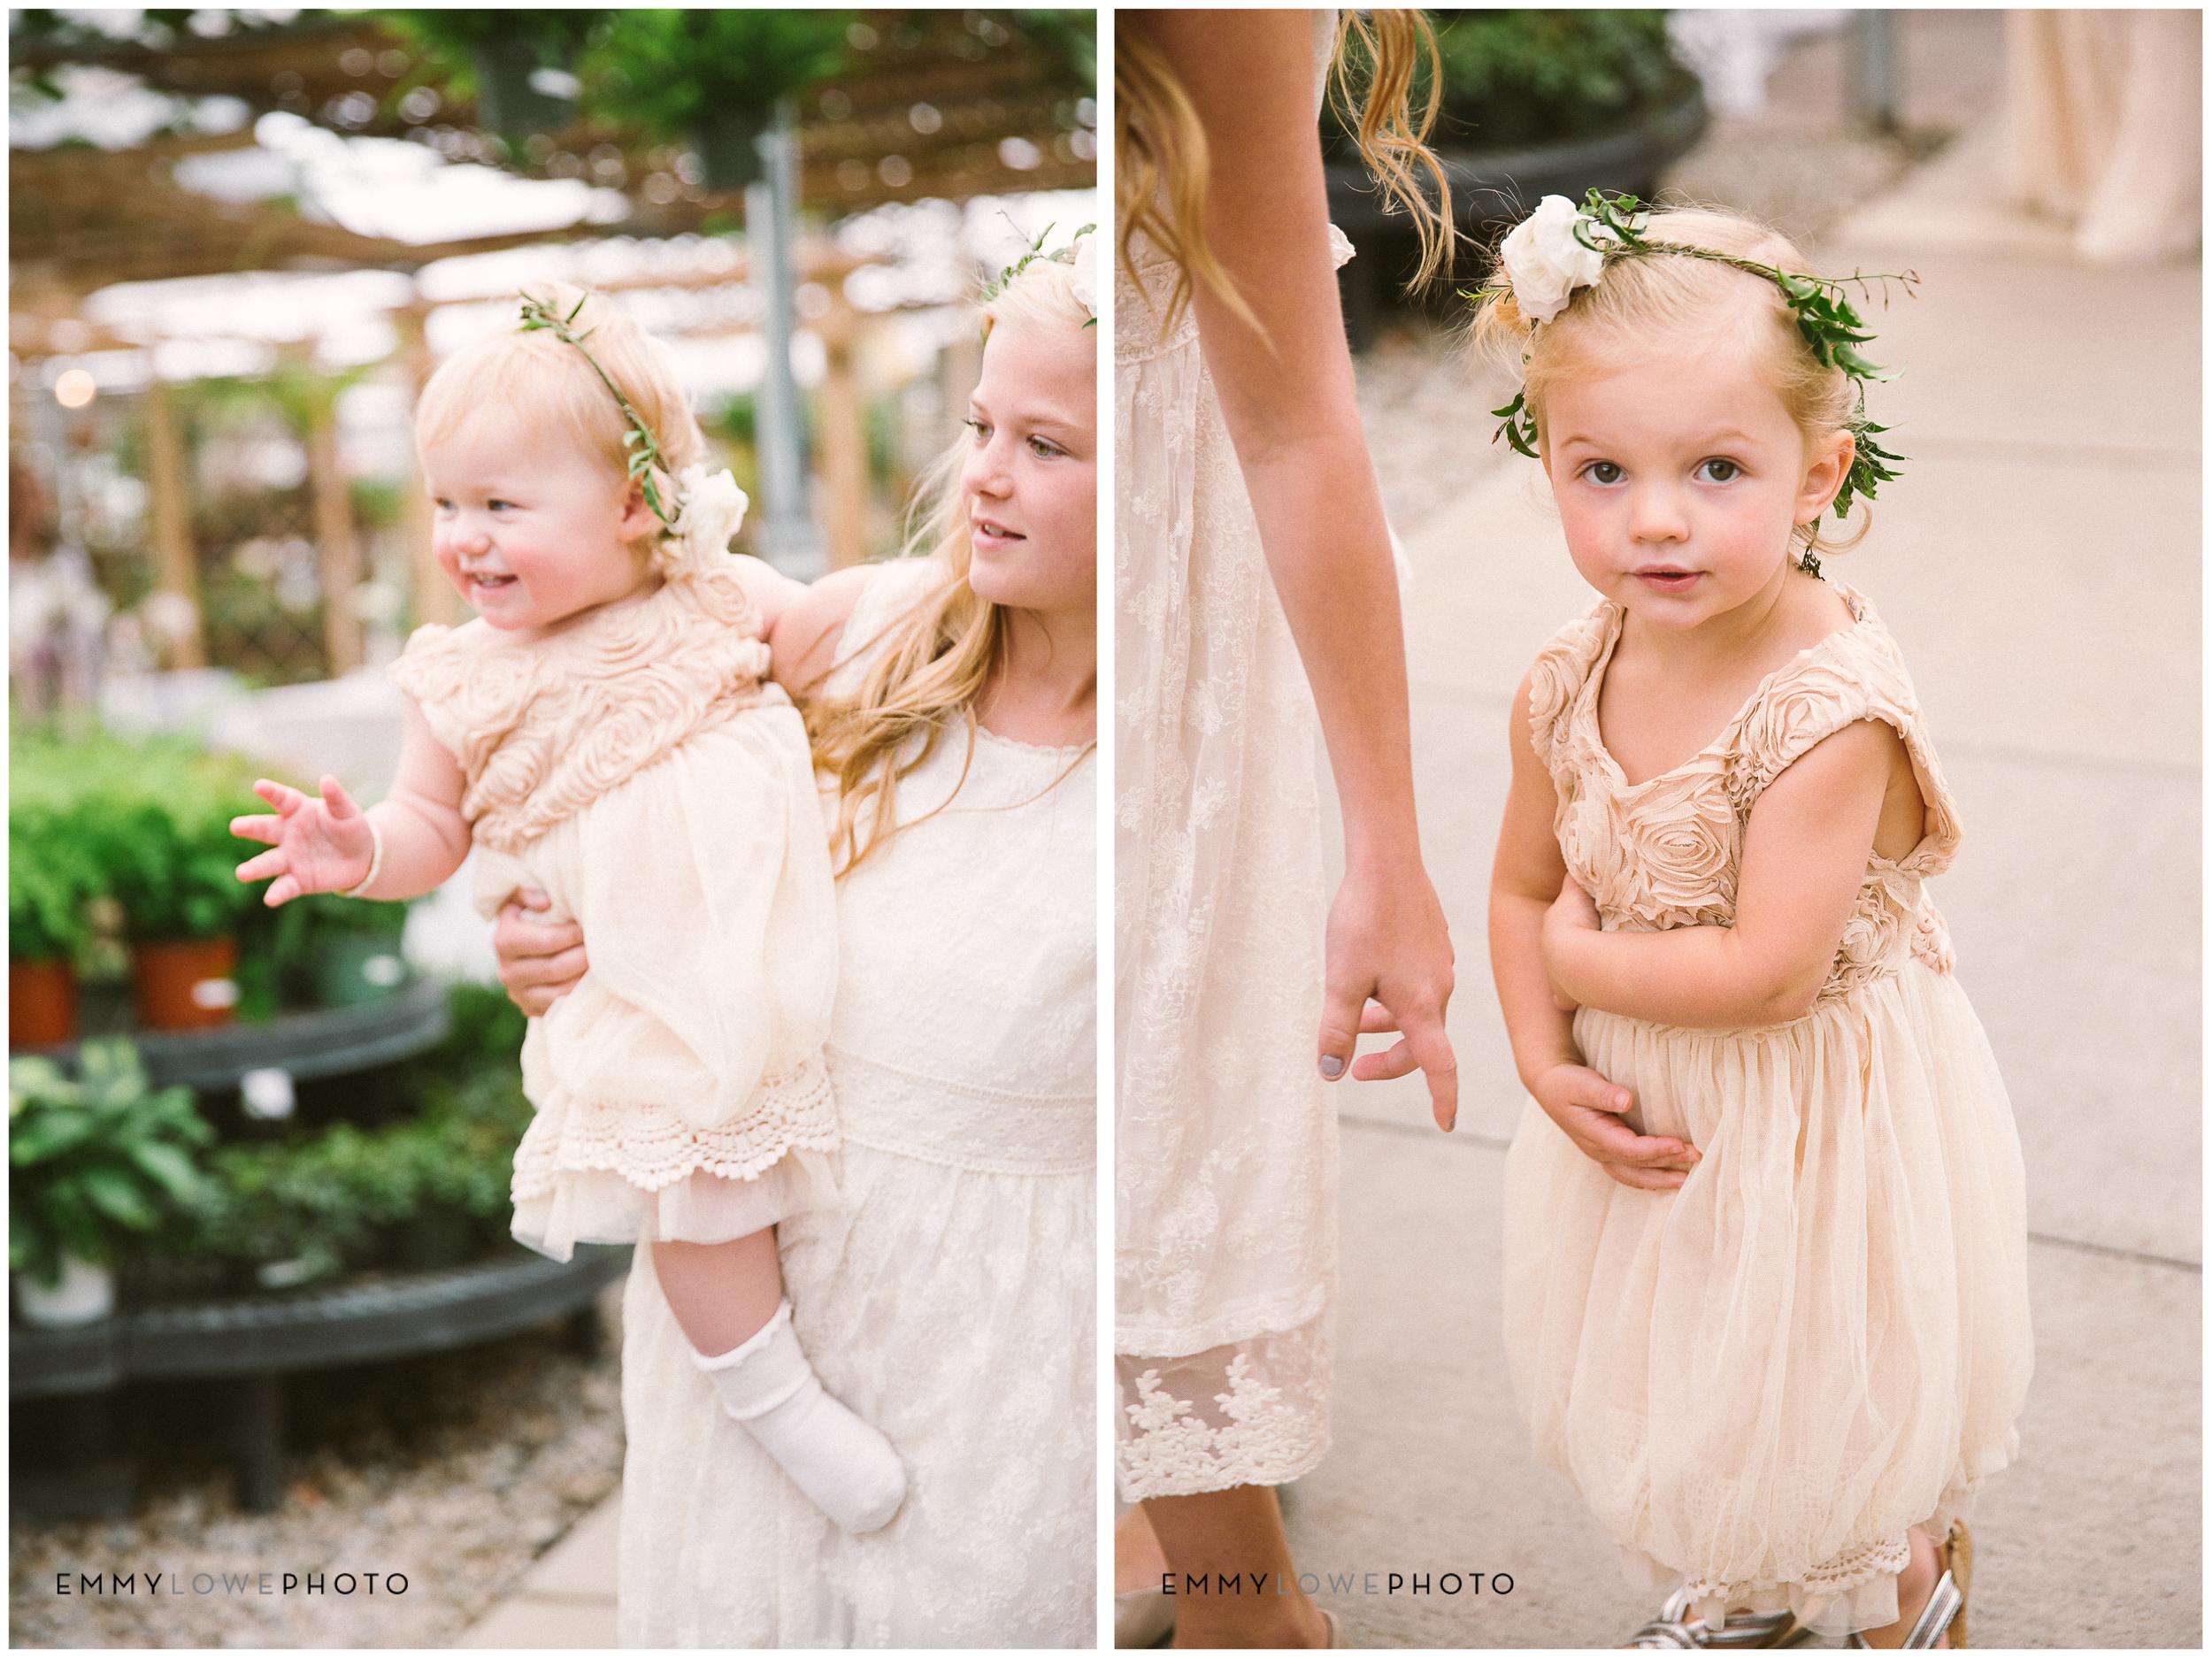 H.E.Wedding12.jpg